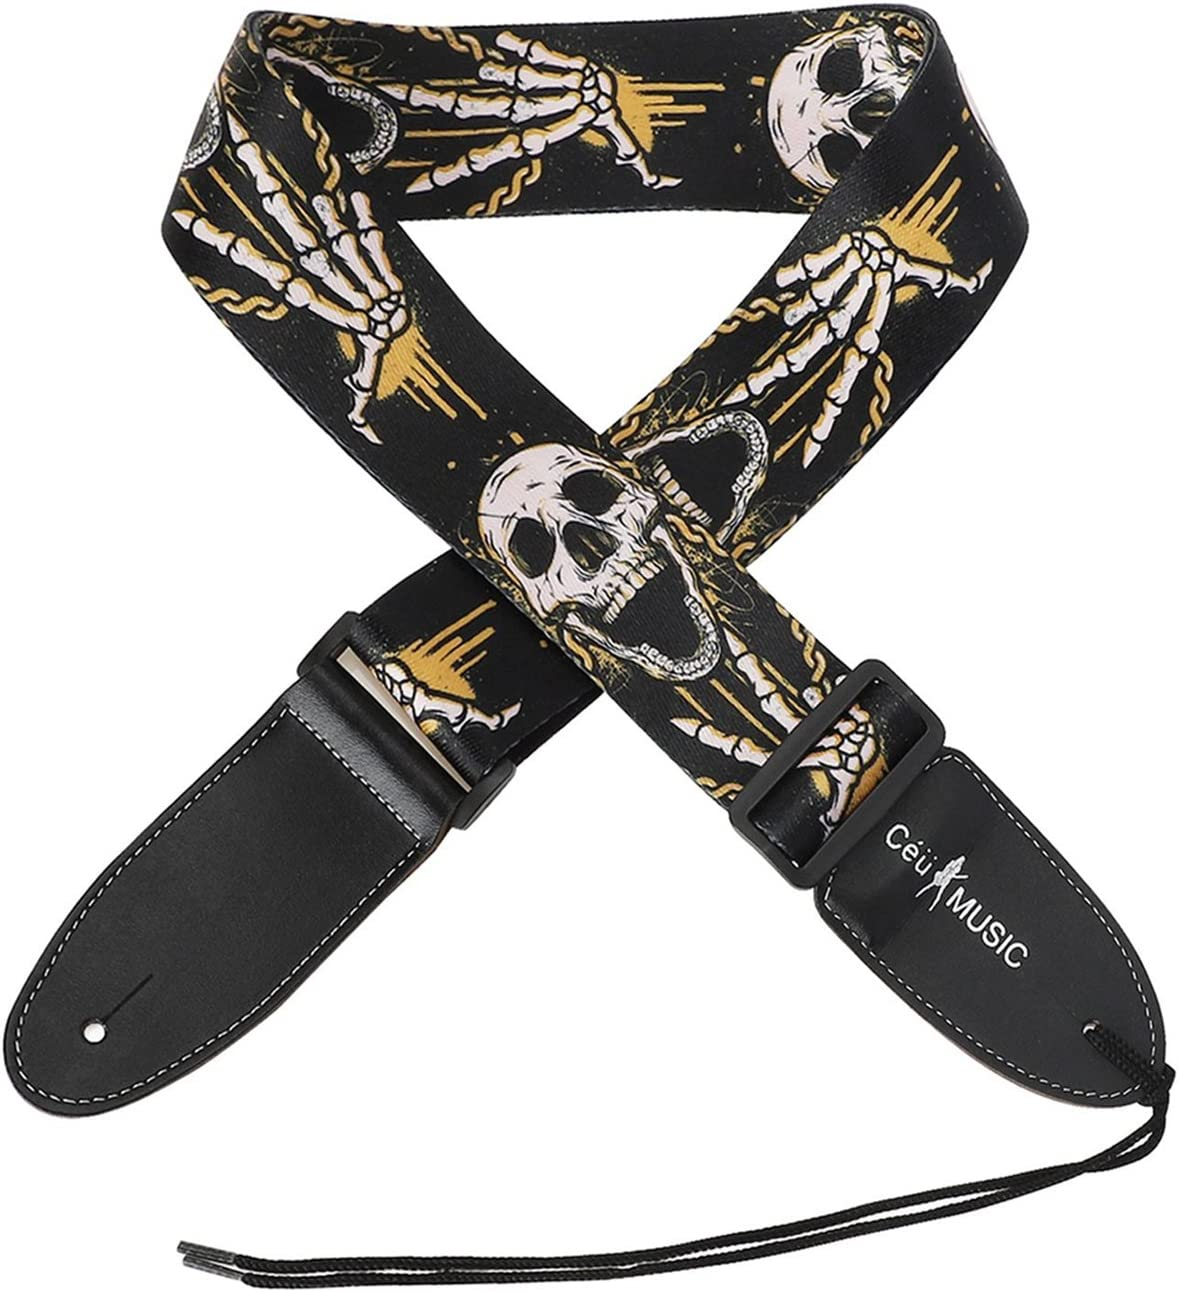 Calaveras negro correa para guitarra con extremos de piel guitarra correa para el hombro para guitarra acústica y bajo eléctrico, mejor regalo para su amigo